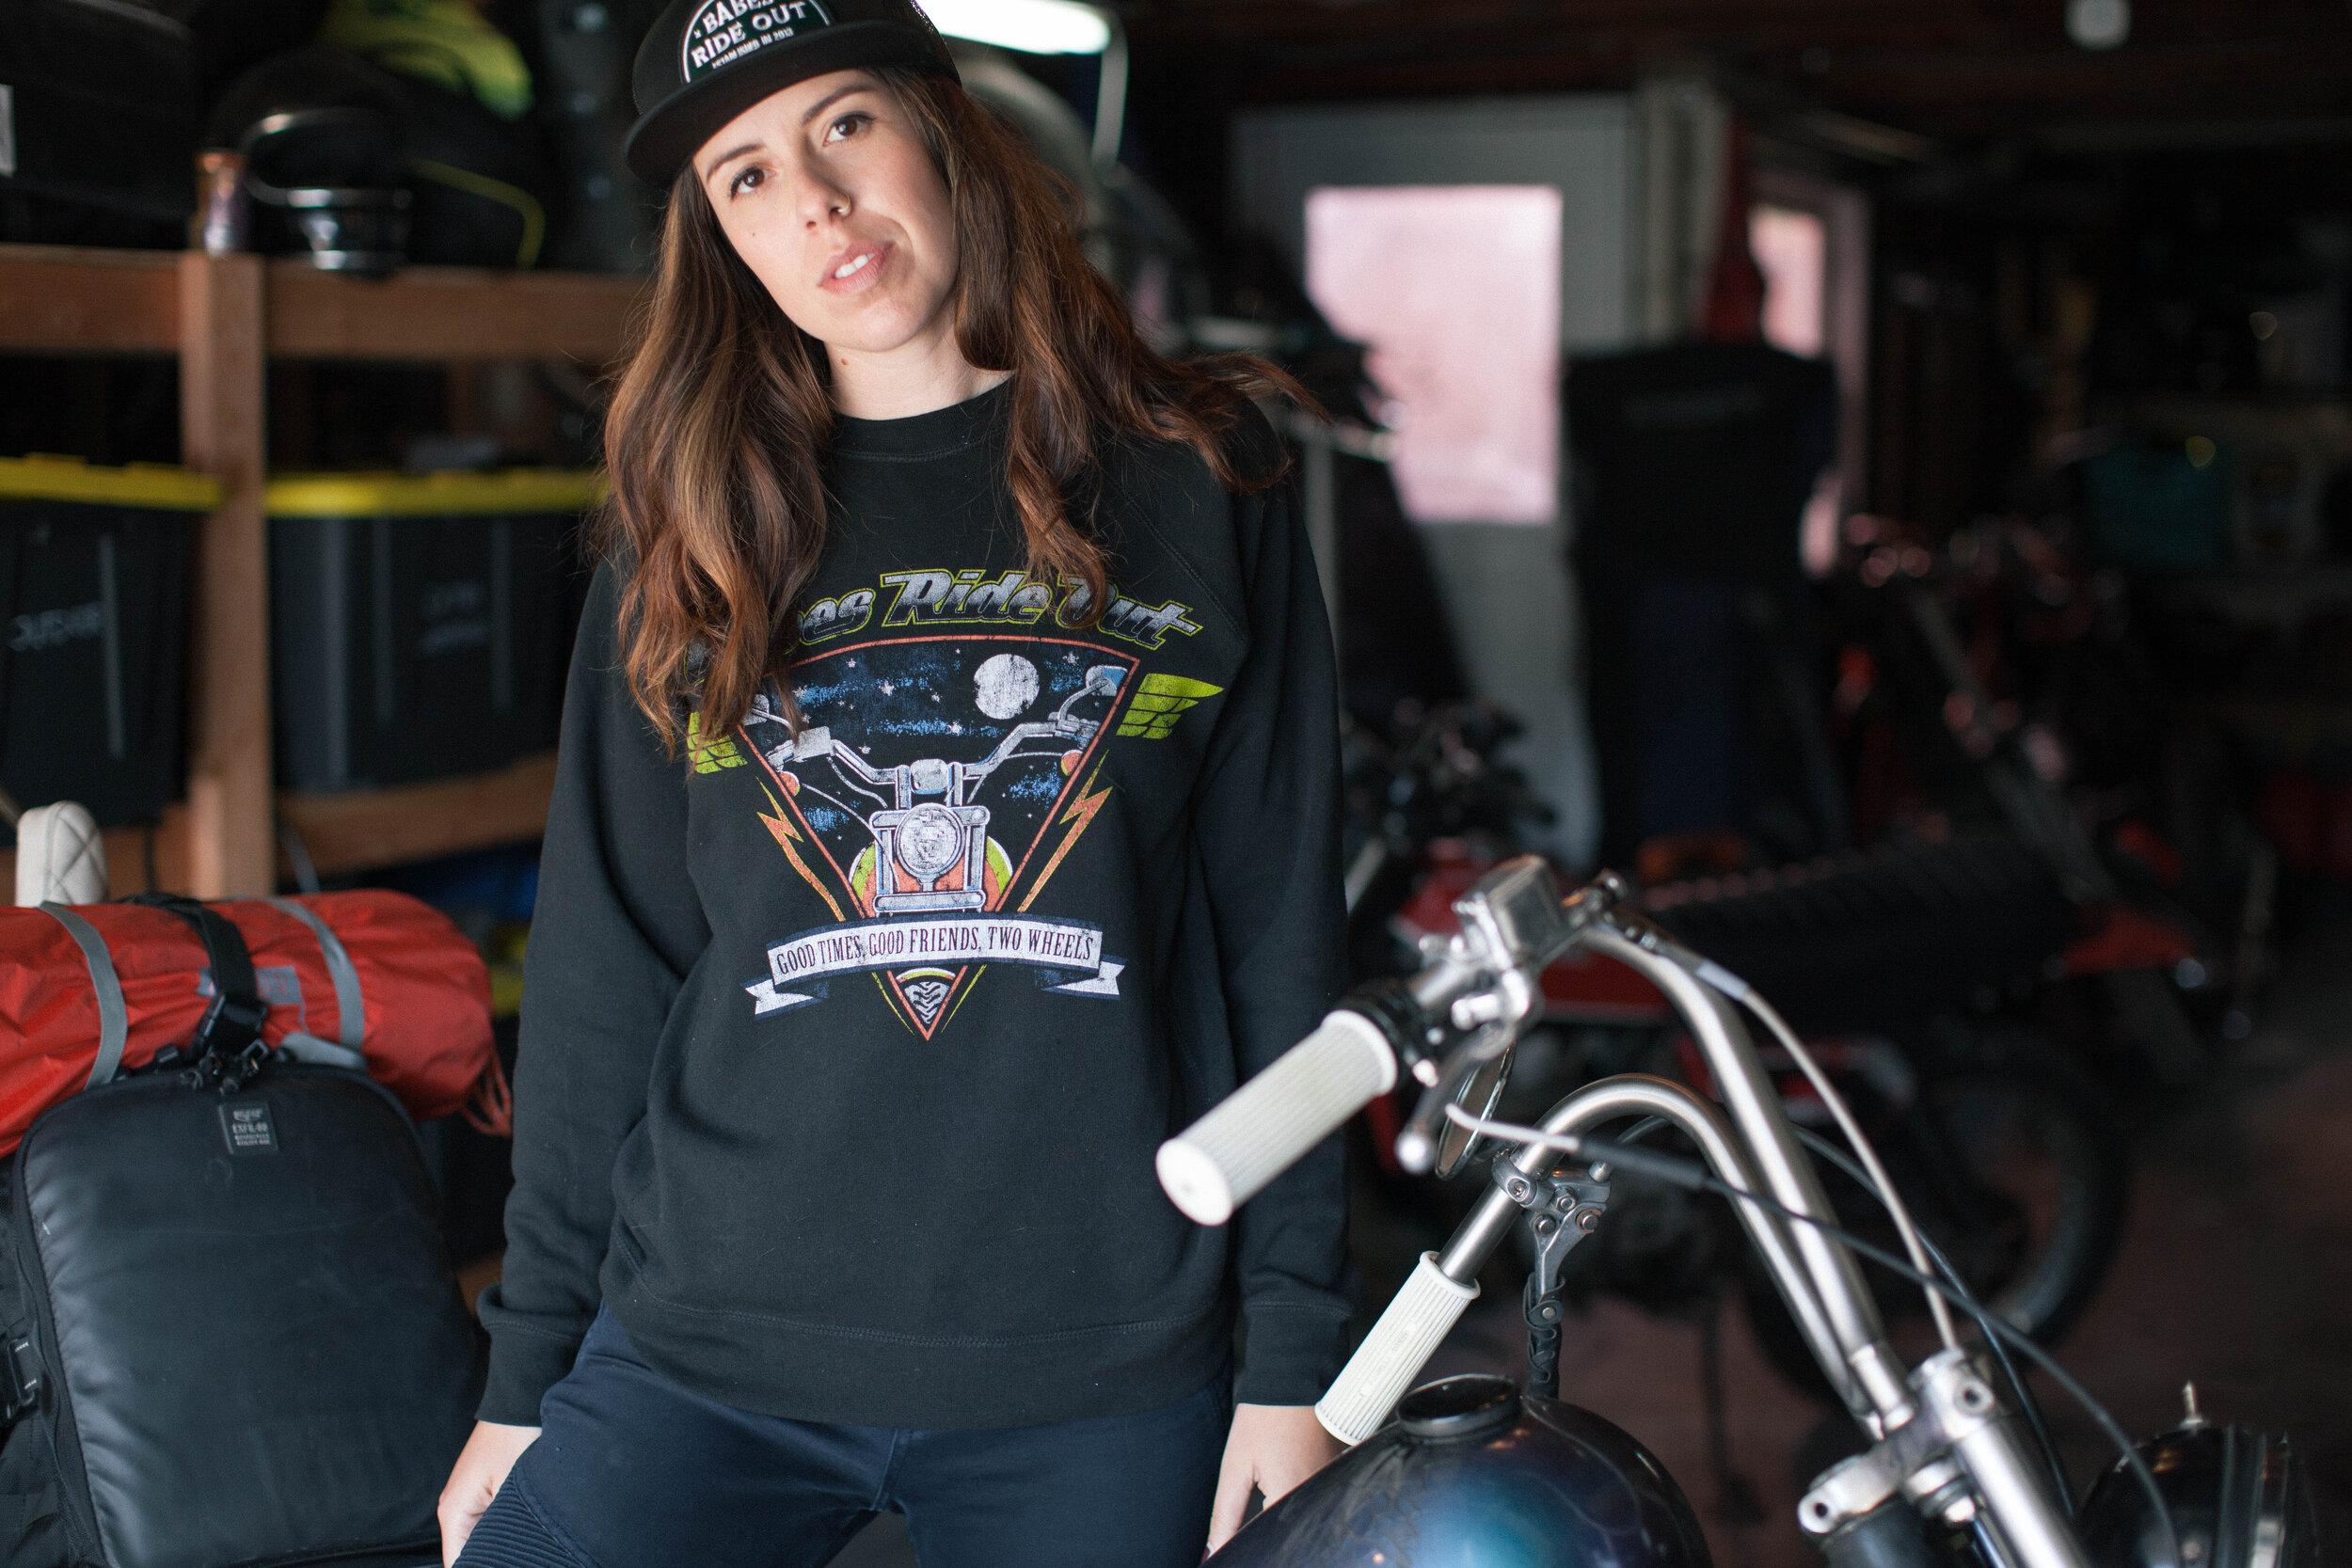 Babes_Ride_Out_Merch_0036.jpg